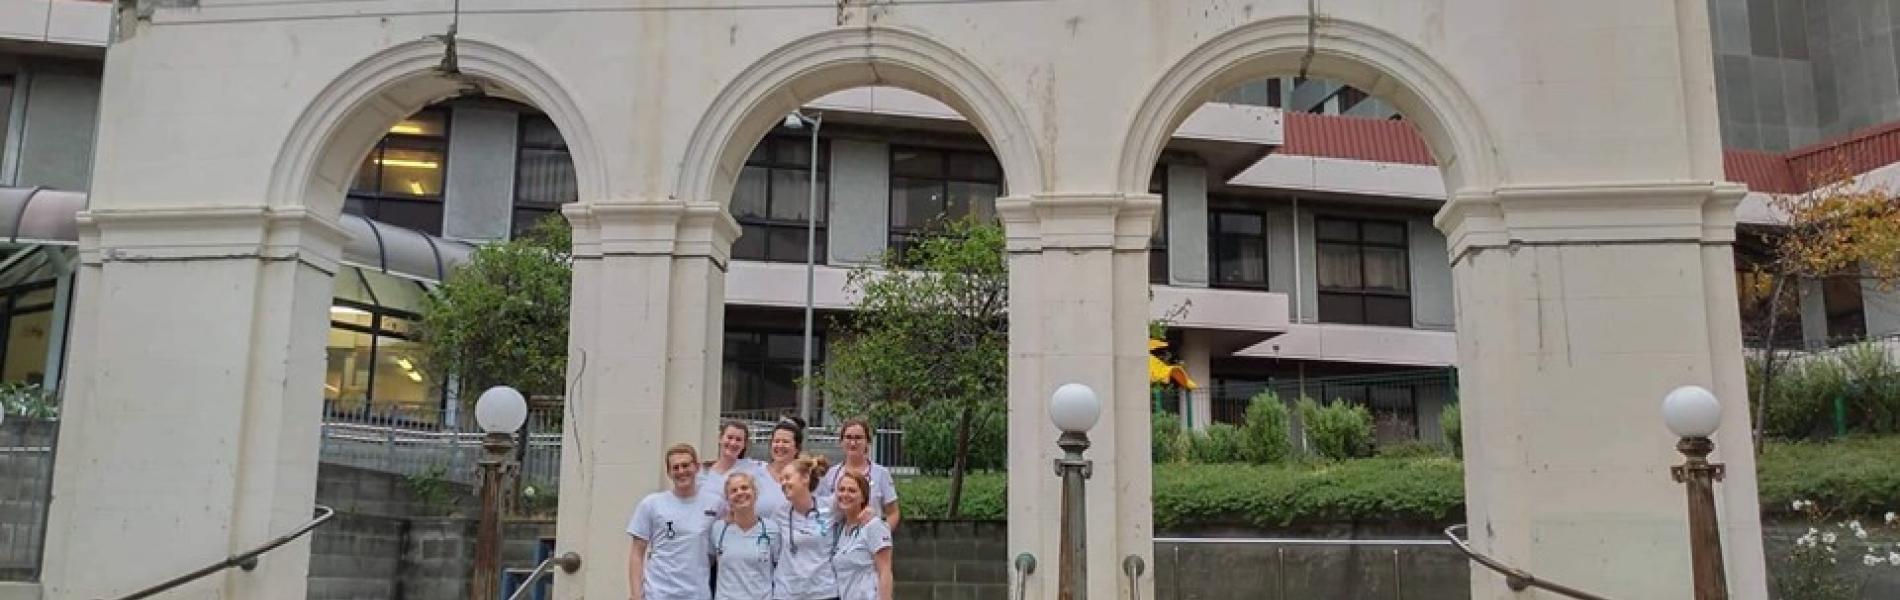 New Zealand Nursing Field School